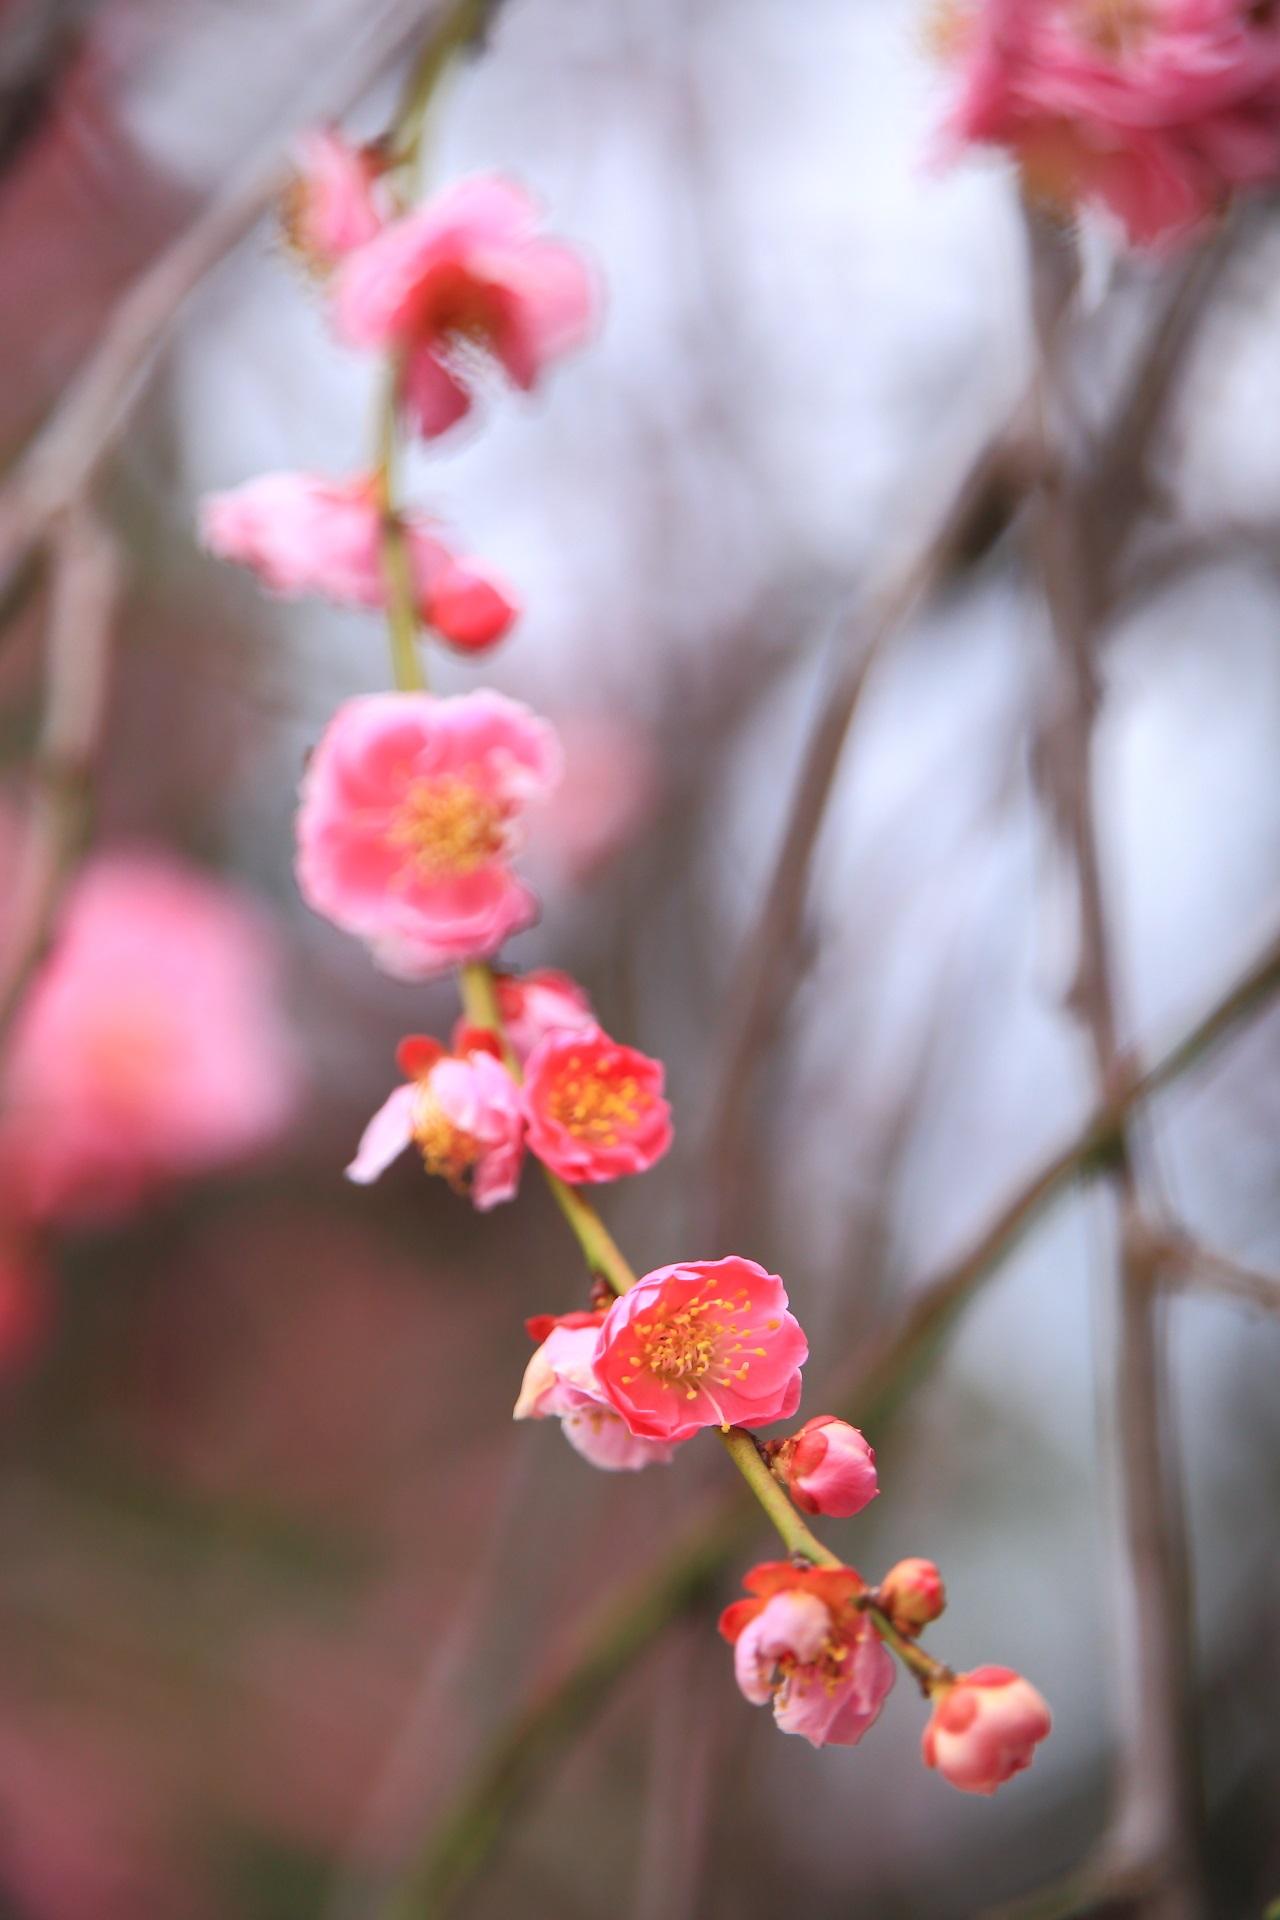 これから開きつつある花や蕾